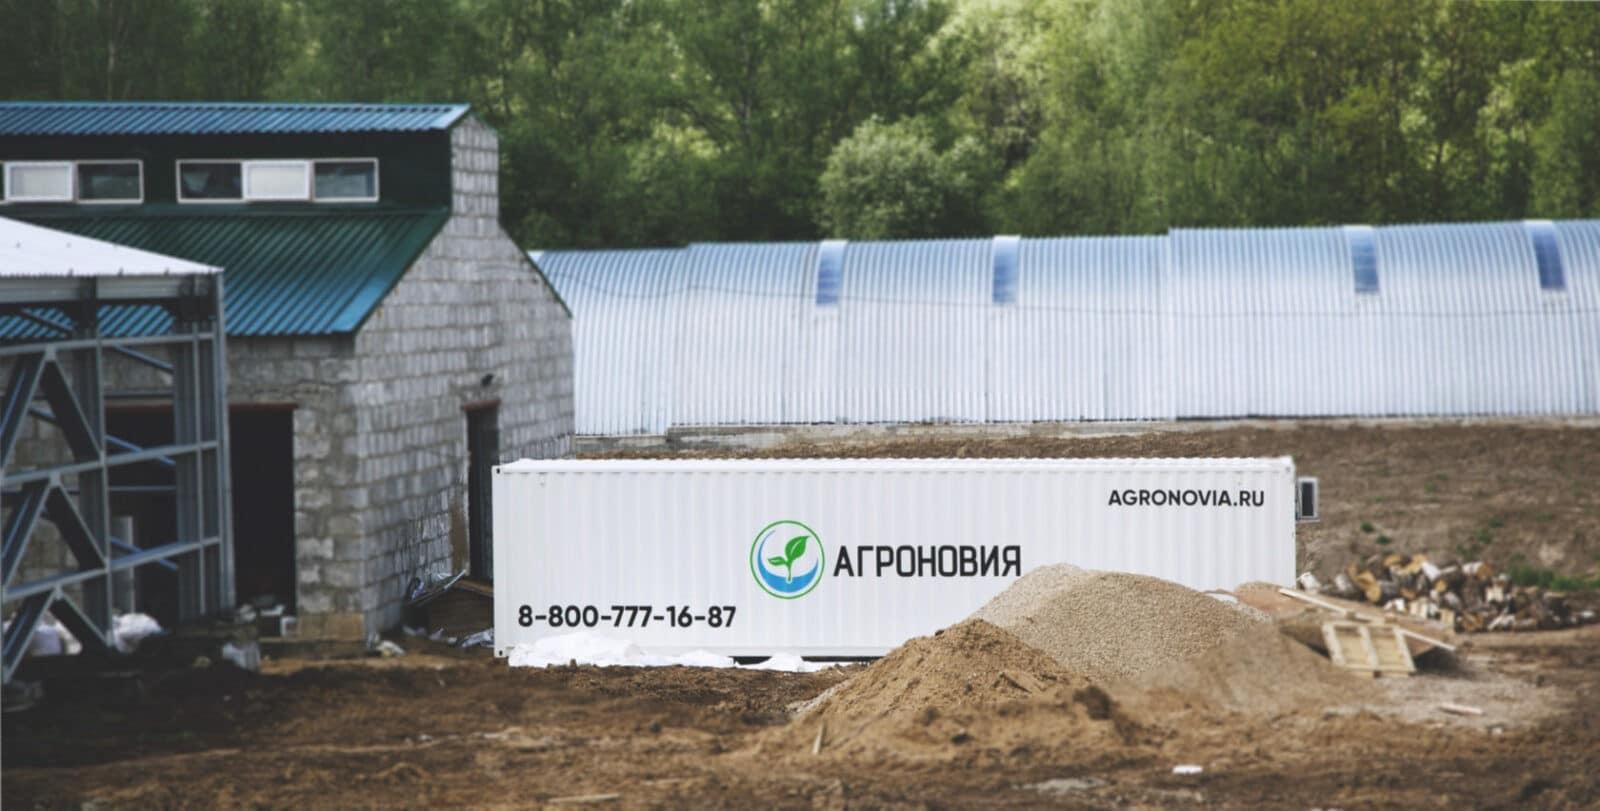 IMG 5059 - Купить гидропонное оборудование для сити-фермы в Москве